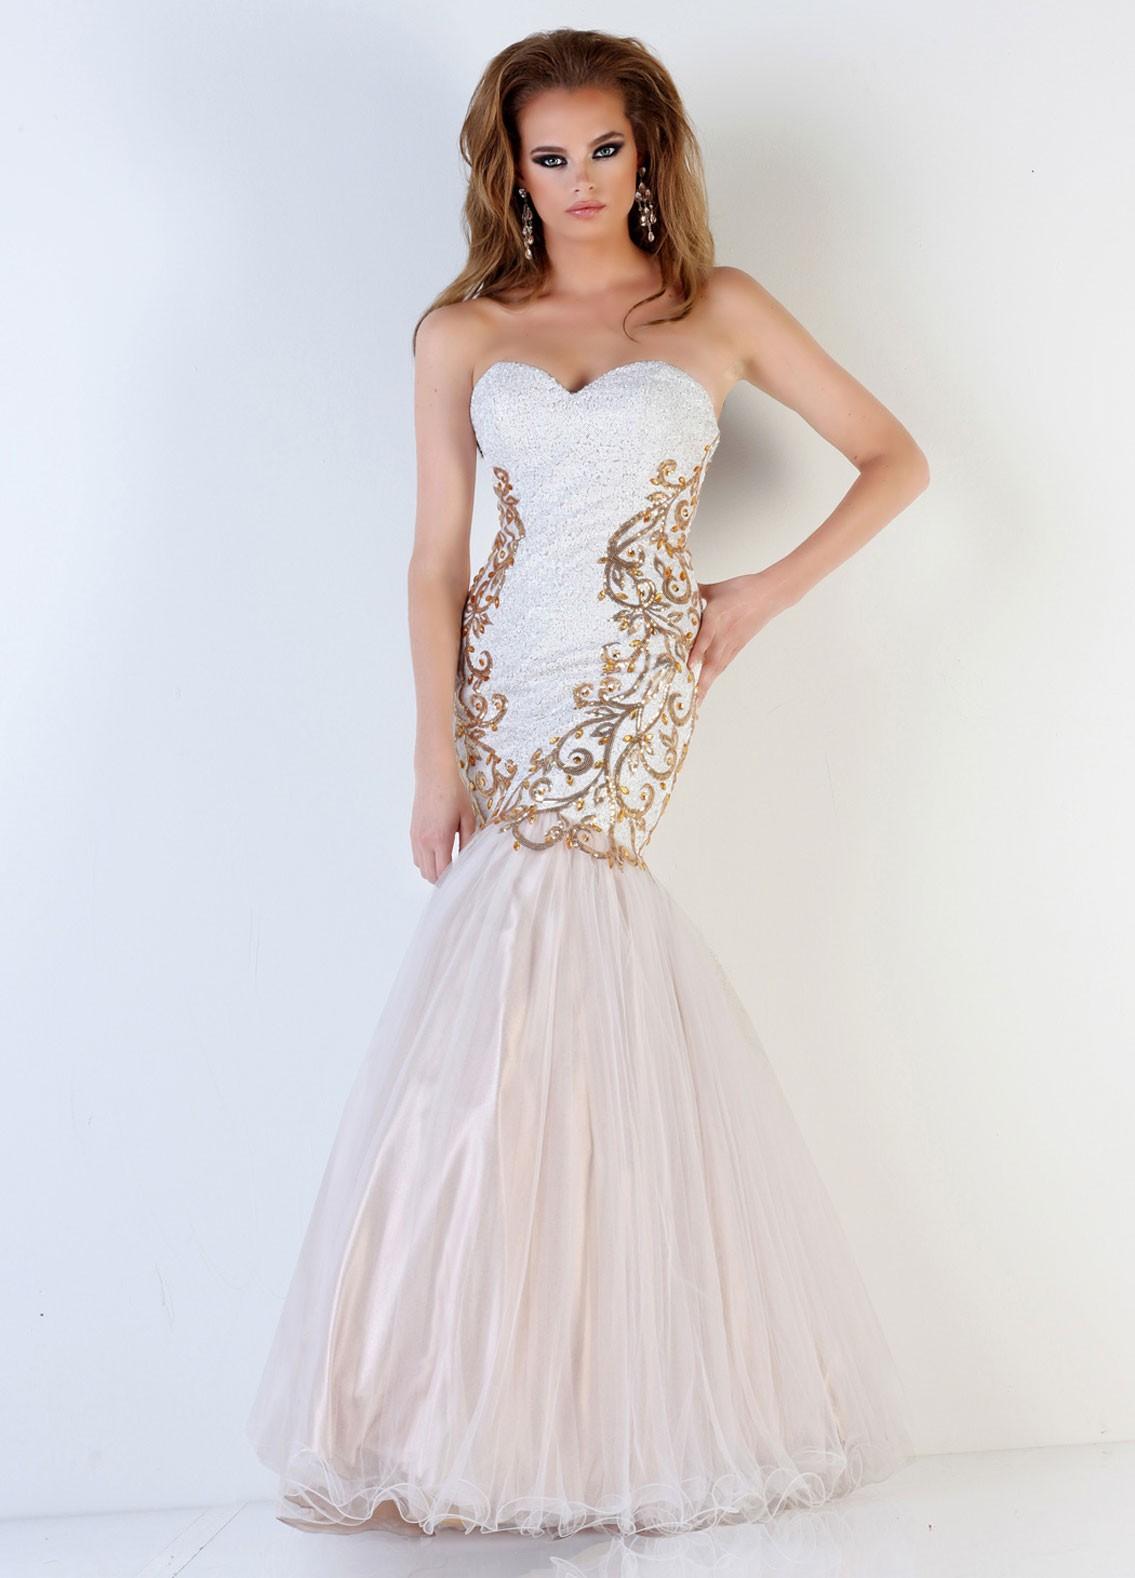 White Prom Dresses | Dressed Up Girl White Prom Dress